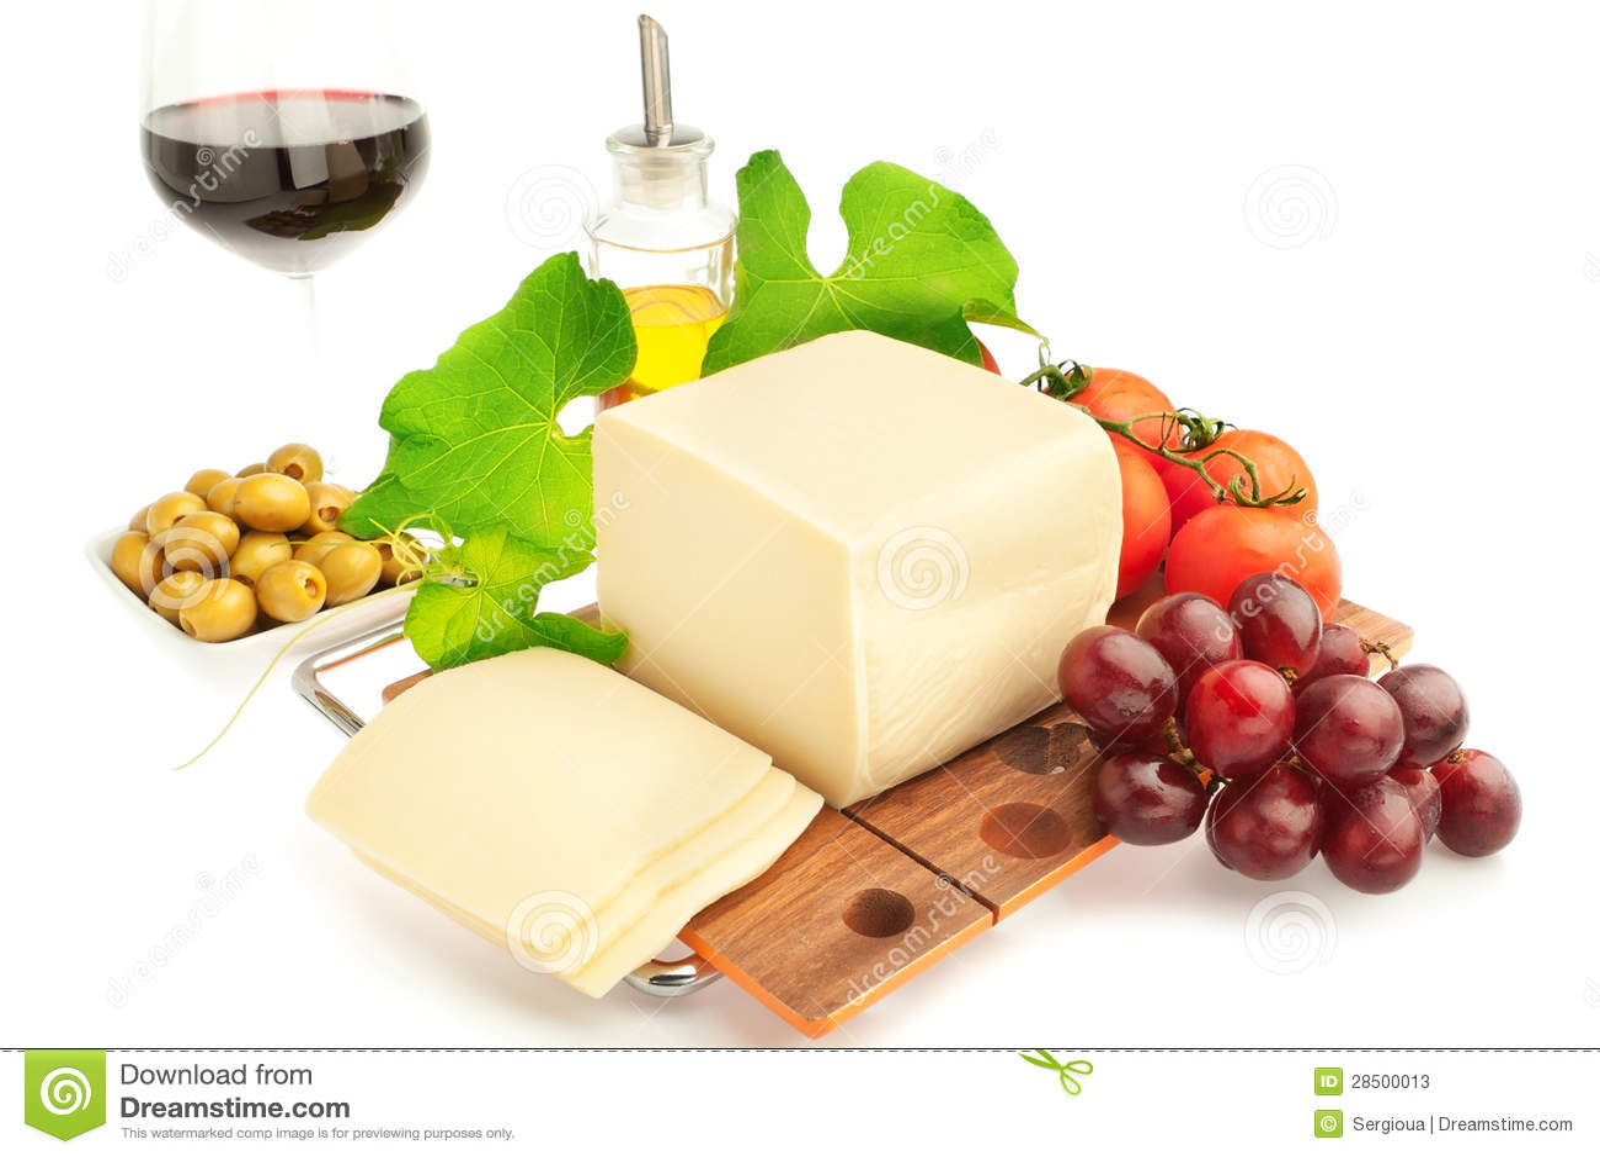 breakfast-cheese-fruit-vegetables-28500013.jpg